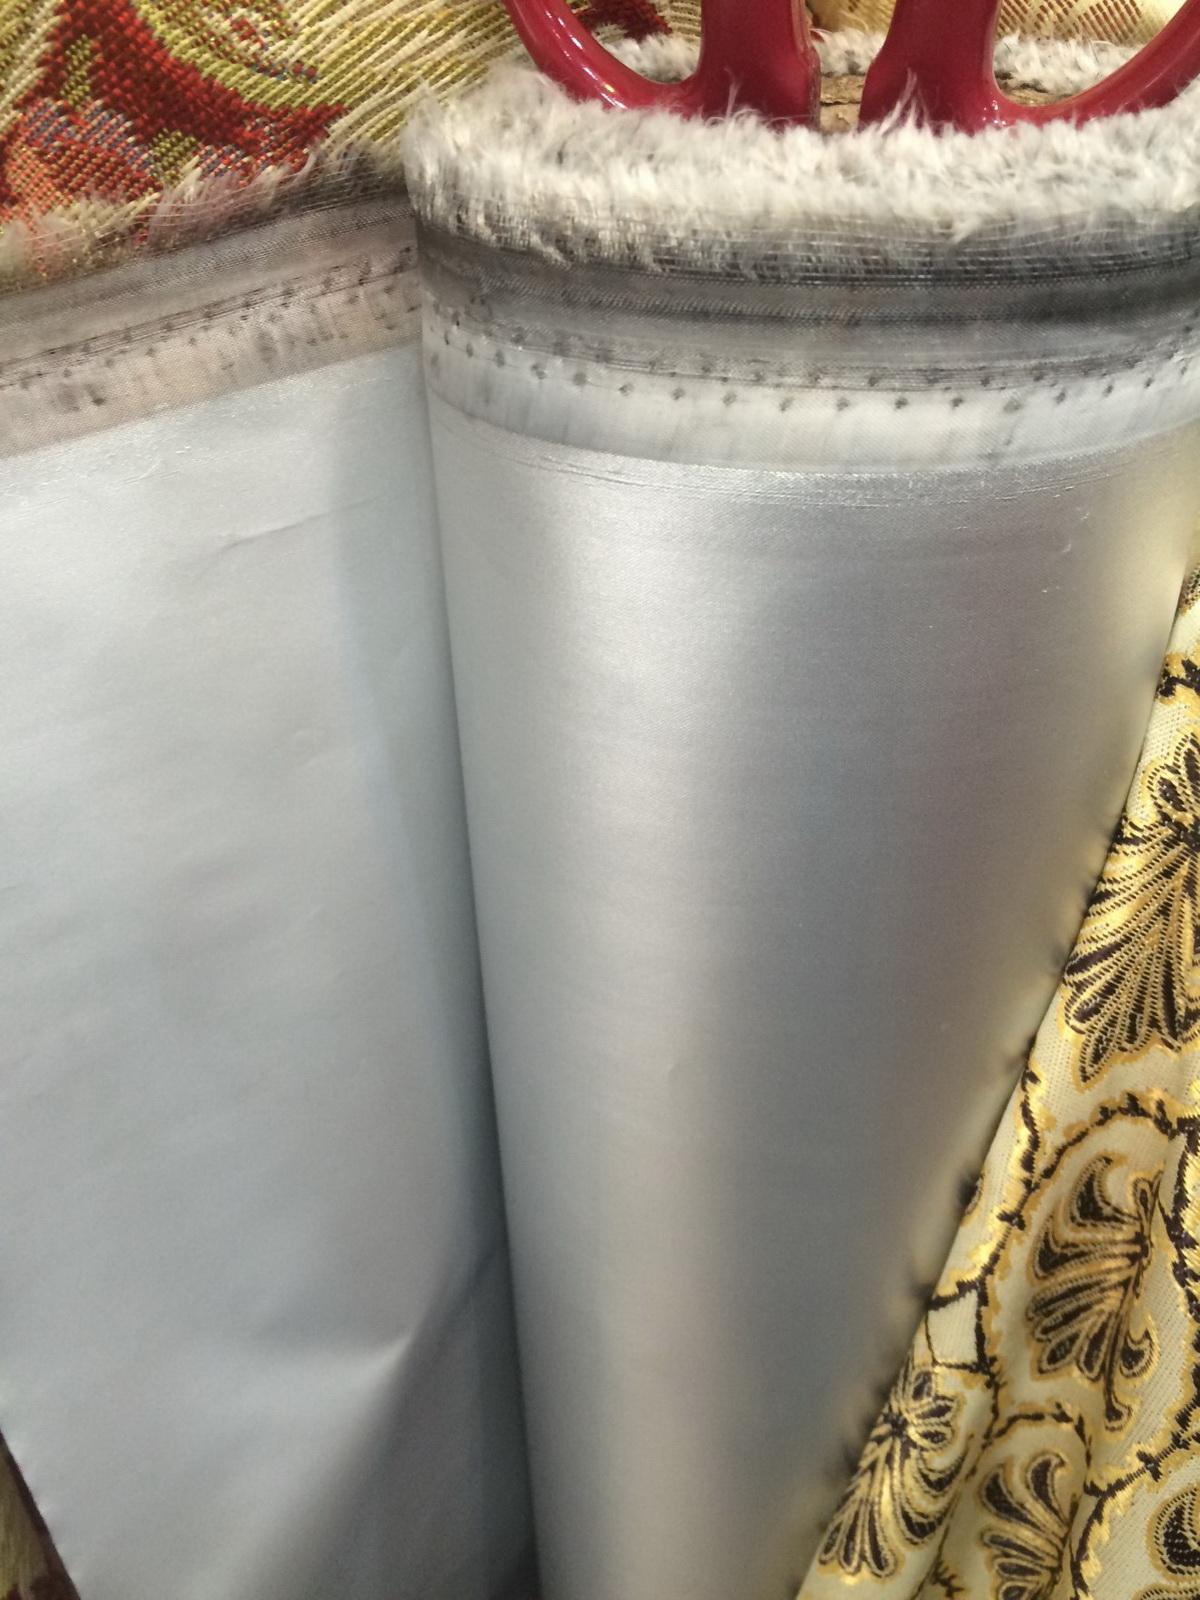 ผ้าฉาบปรอท กันแสง 100% ซับผ้าม่าน สร้างบรรยากาศผ่อนคลาย อากาศห้องเย็นสบาย